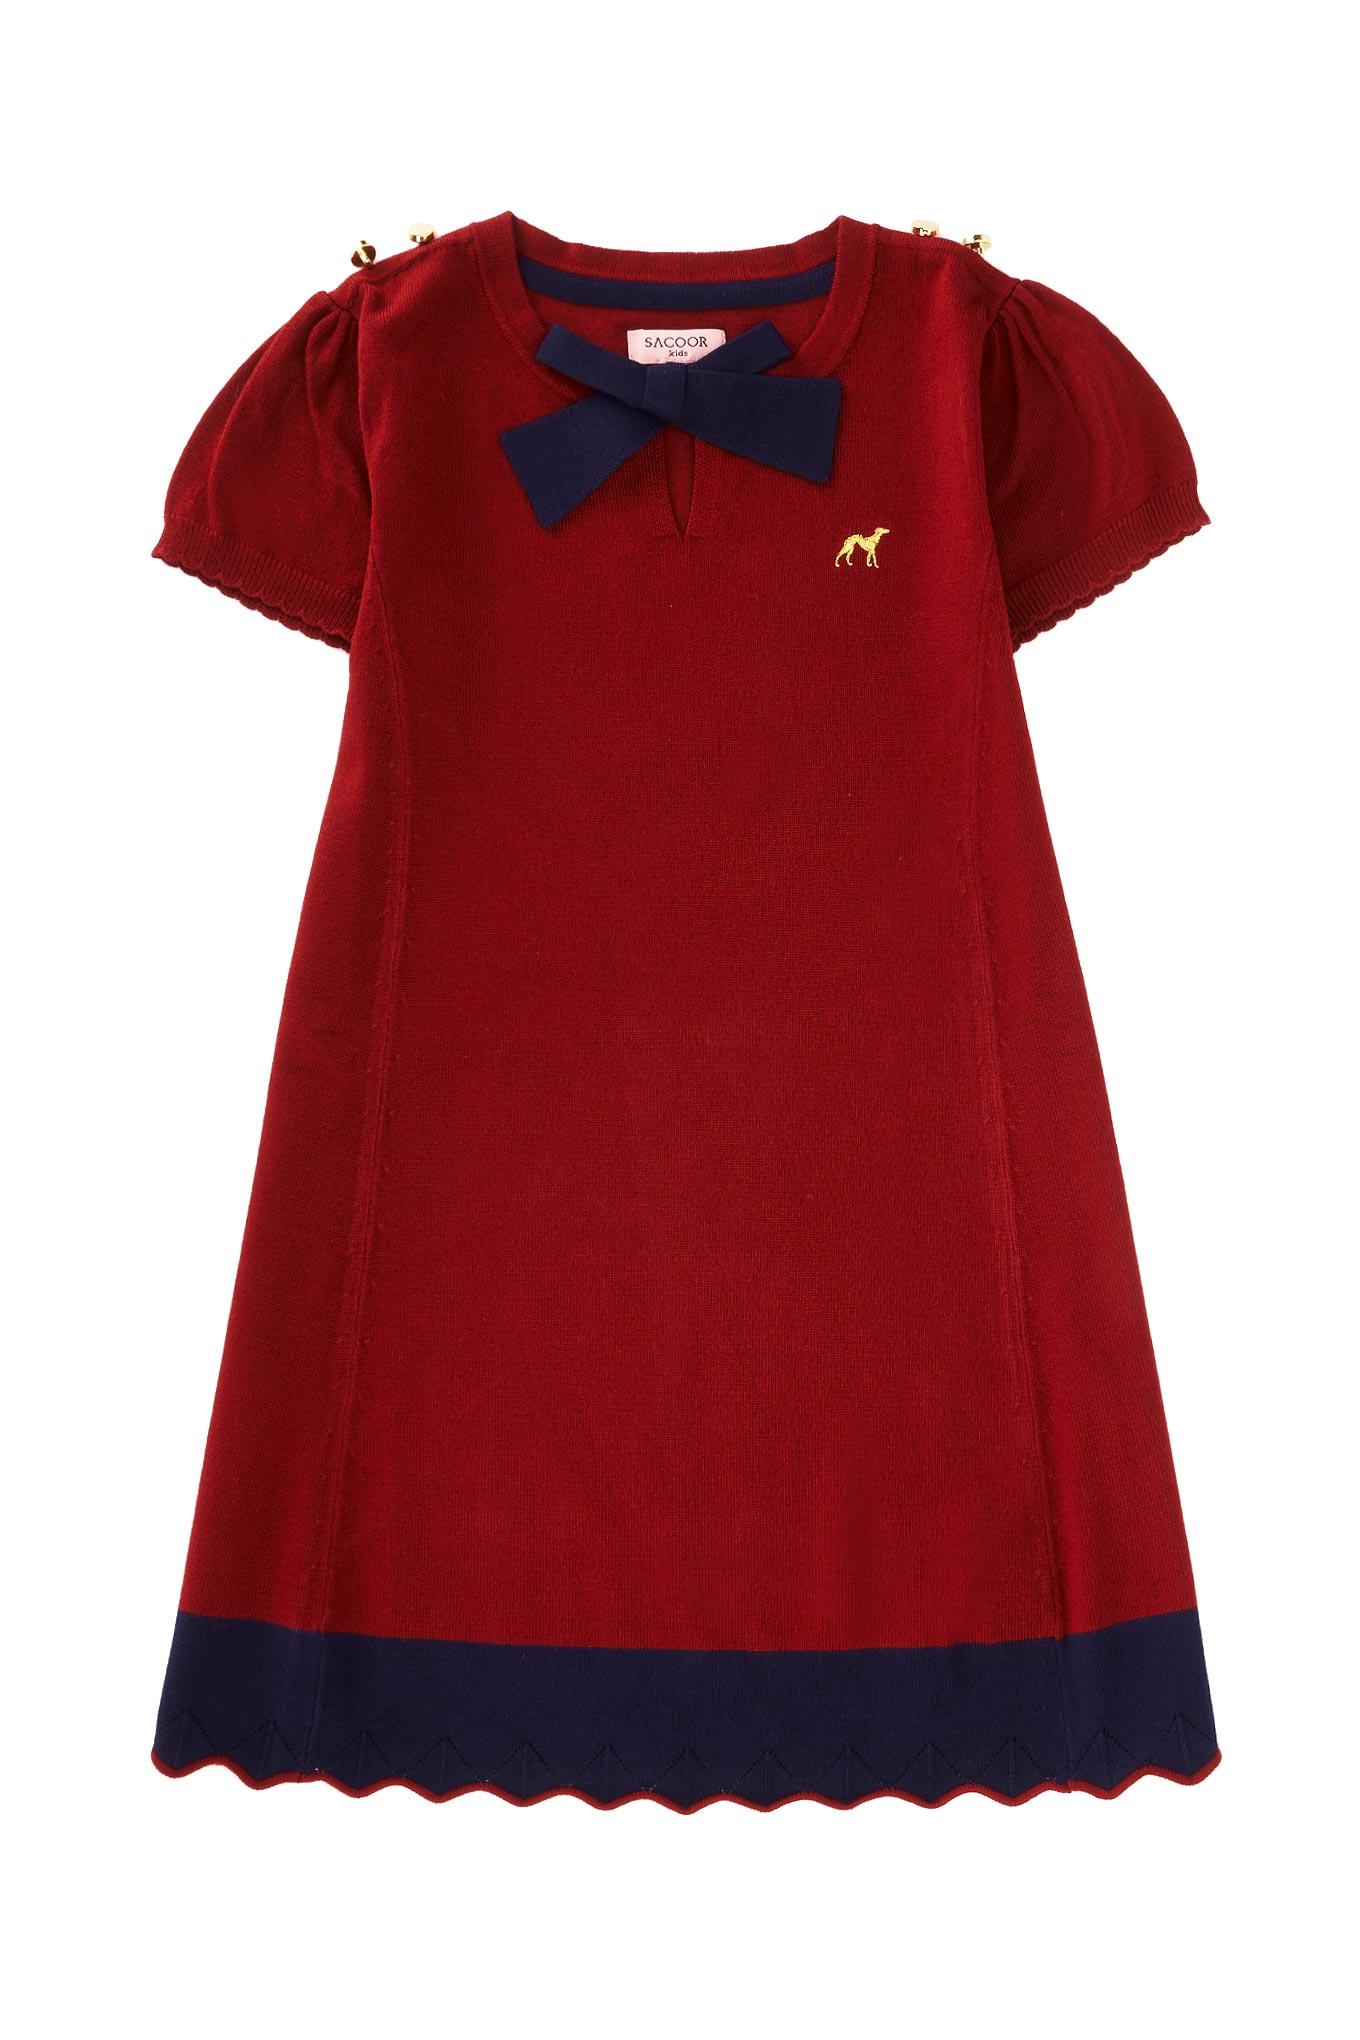 Vestido Malha Vermelho Casual Rapariga